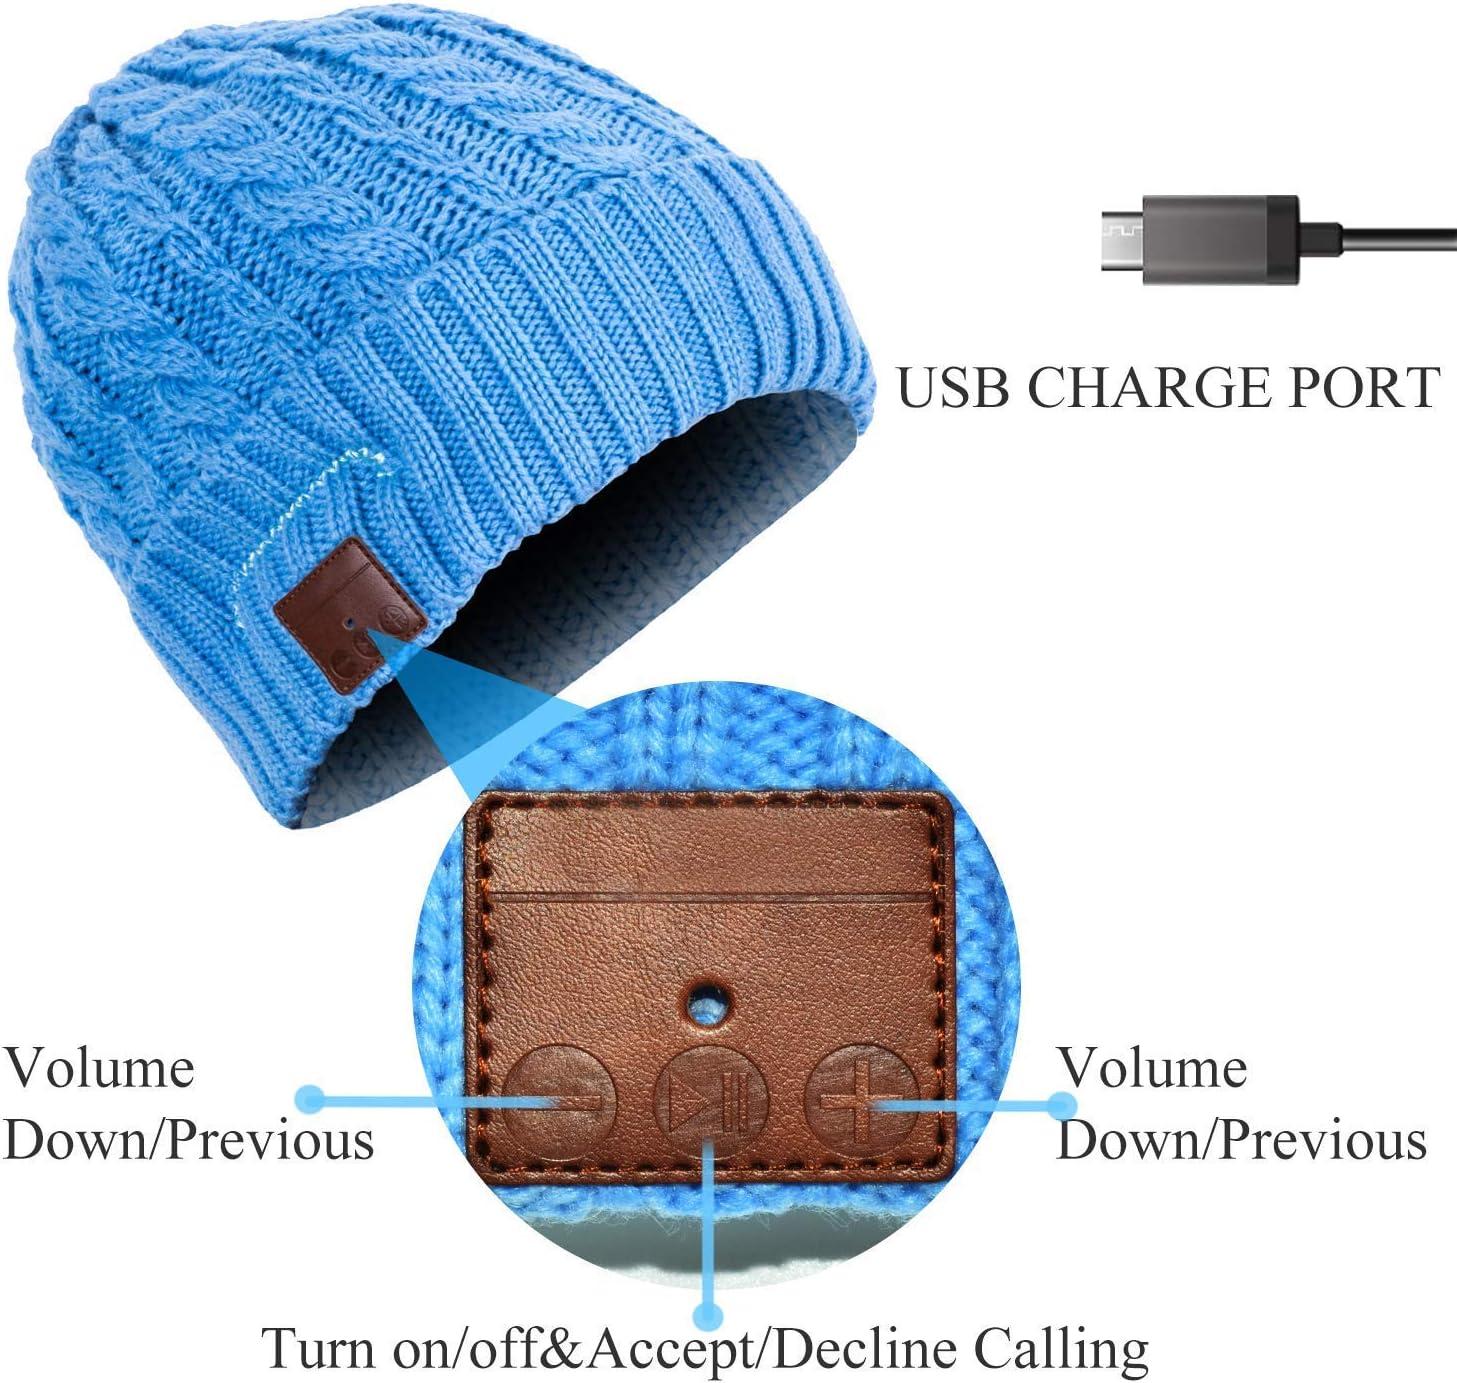 Blu scuro JIANYIJIA Cuffie Cappello,Senza Fili Bluetooth Auricolare Cappello musicale Cappello Smart Inverno Berretto lavorato a maglia con auricolari stereo e microfono integrato